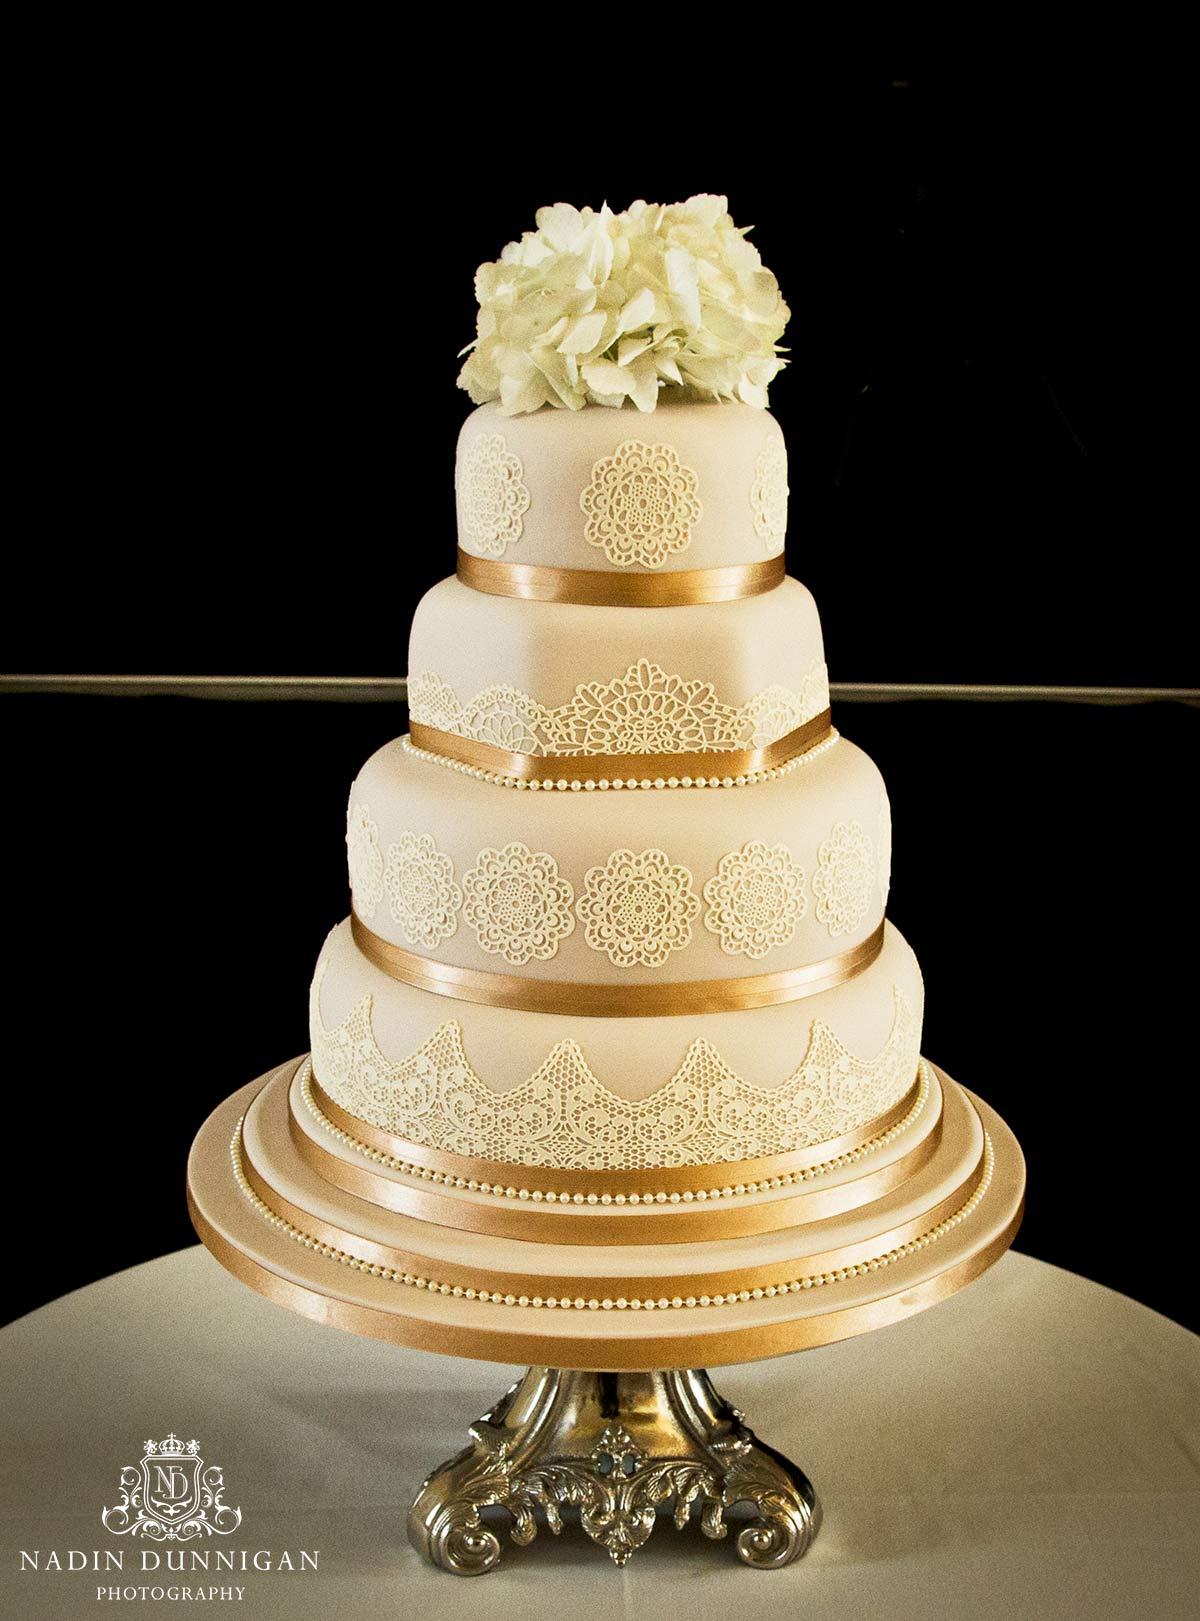 Lace wedding cake, naked wedding cakes